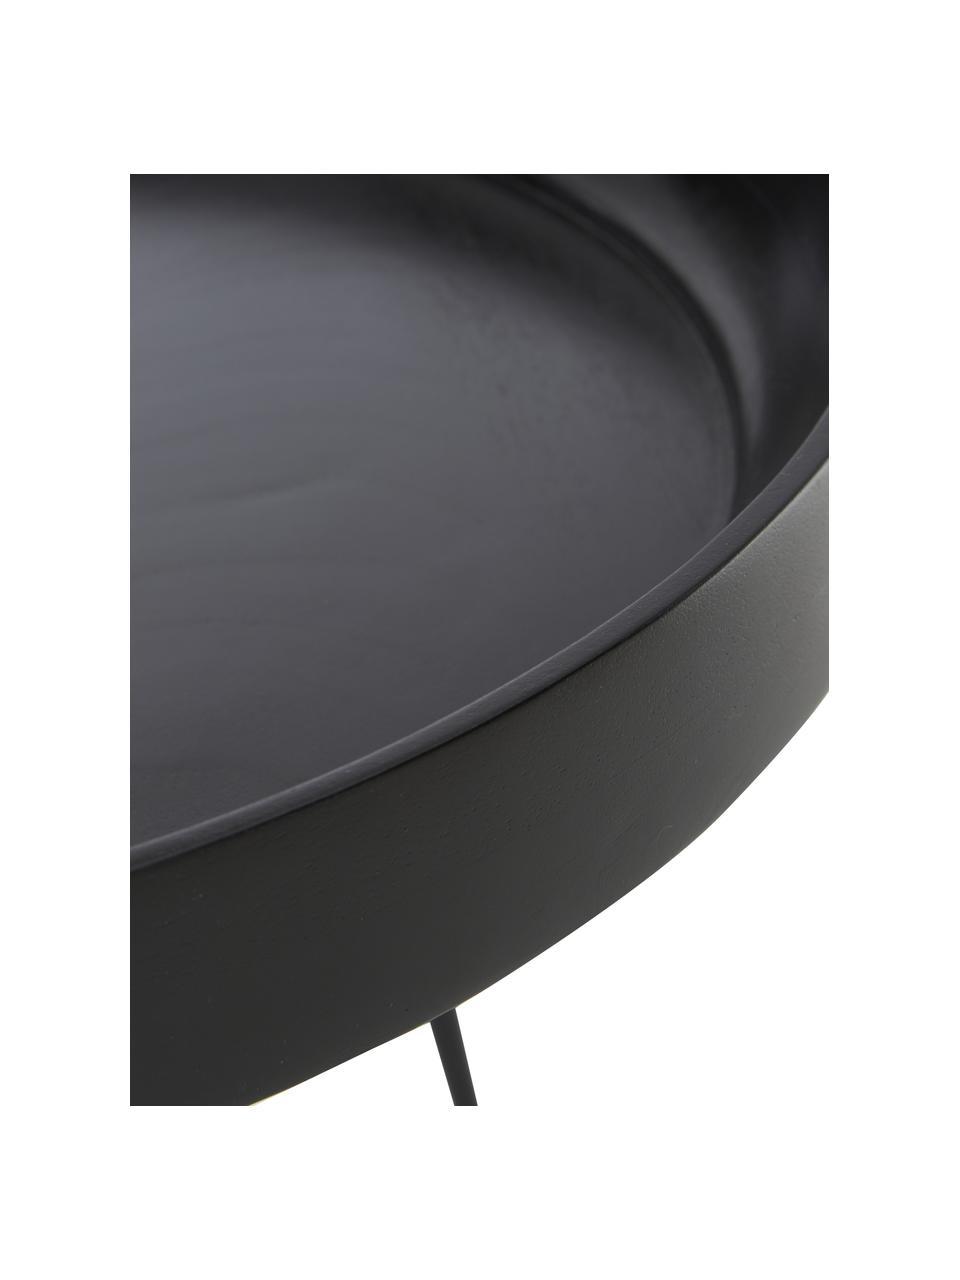 Stolik pomocniczy z drewna mangowego Bowl Table, Blat: drewno mangowe, barwiony , Nogi: stal malowana proszkowo, Czarny, Ø 53 x W 46 cm